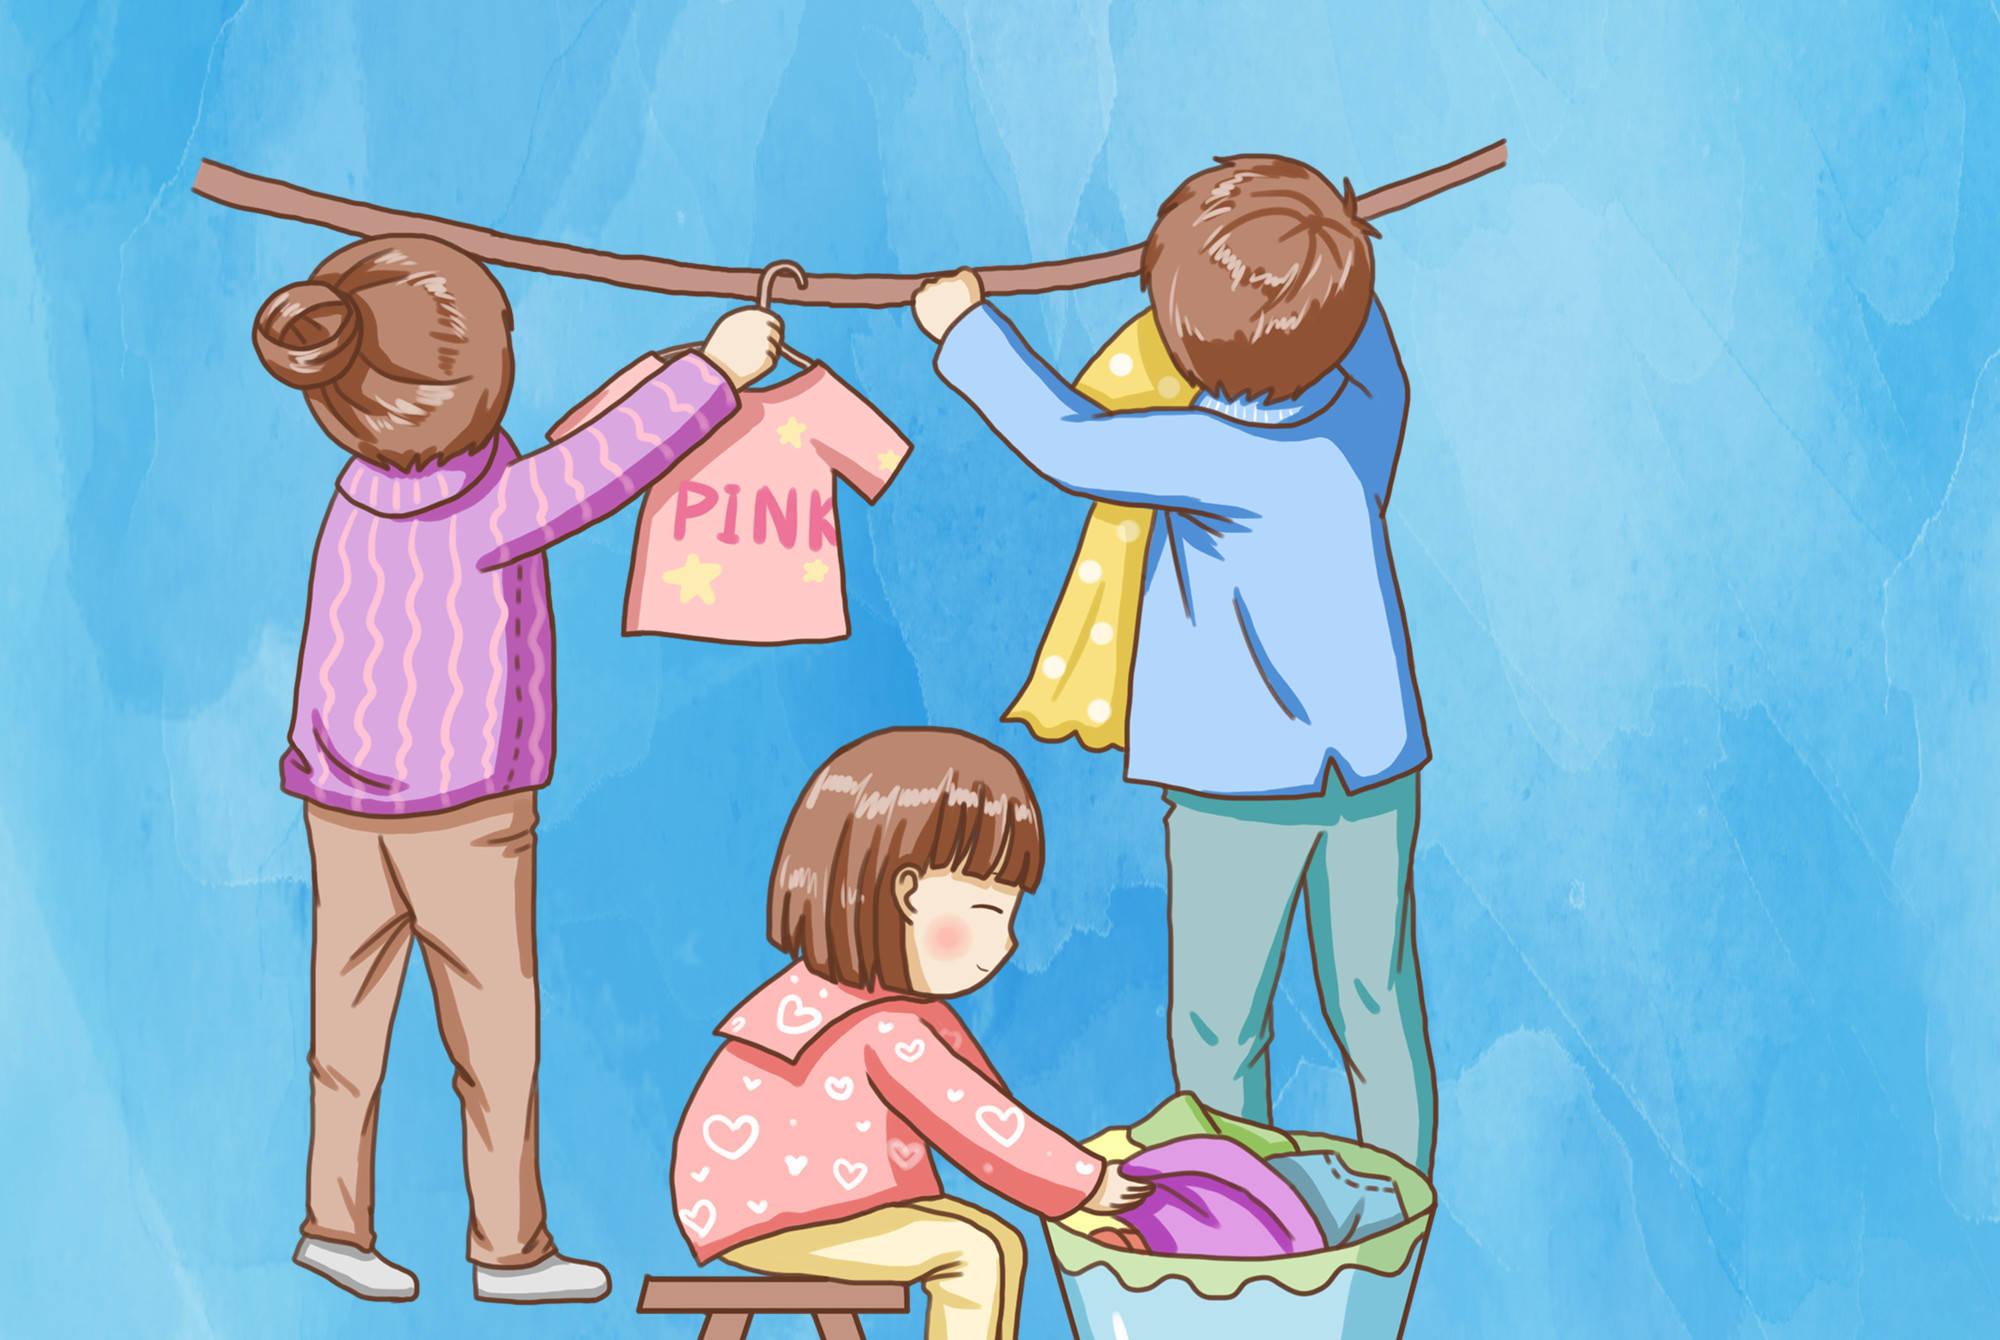 多子女家庭哪个孩子有孝心?到了晚年才读懂,多数父母疼错了人